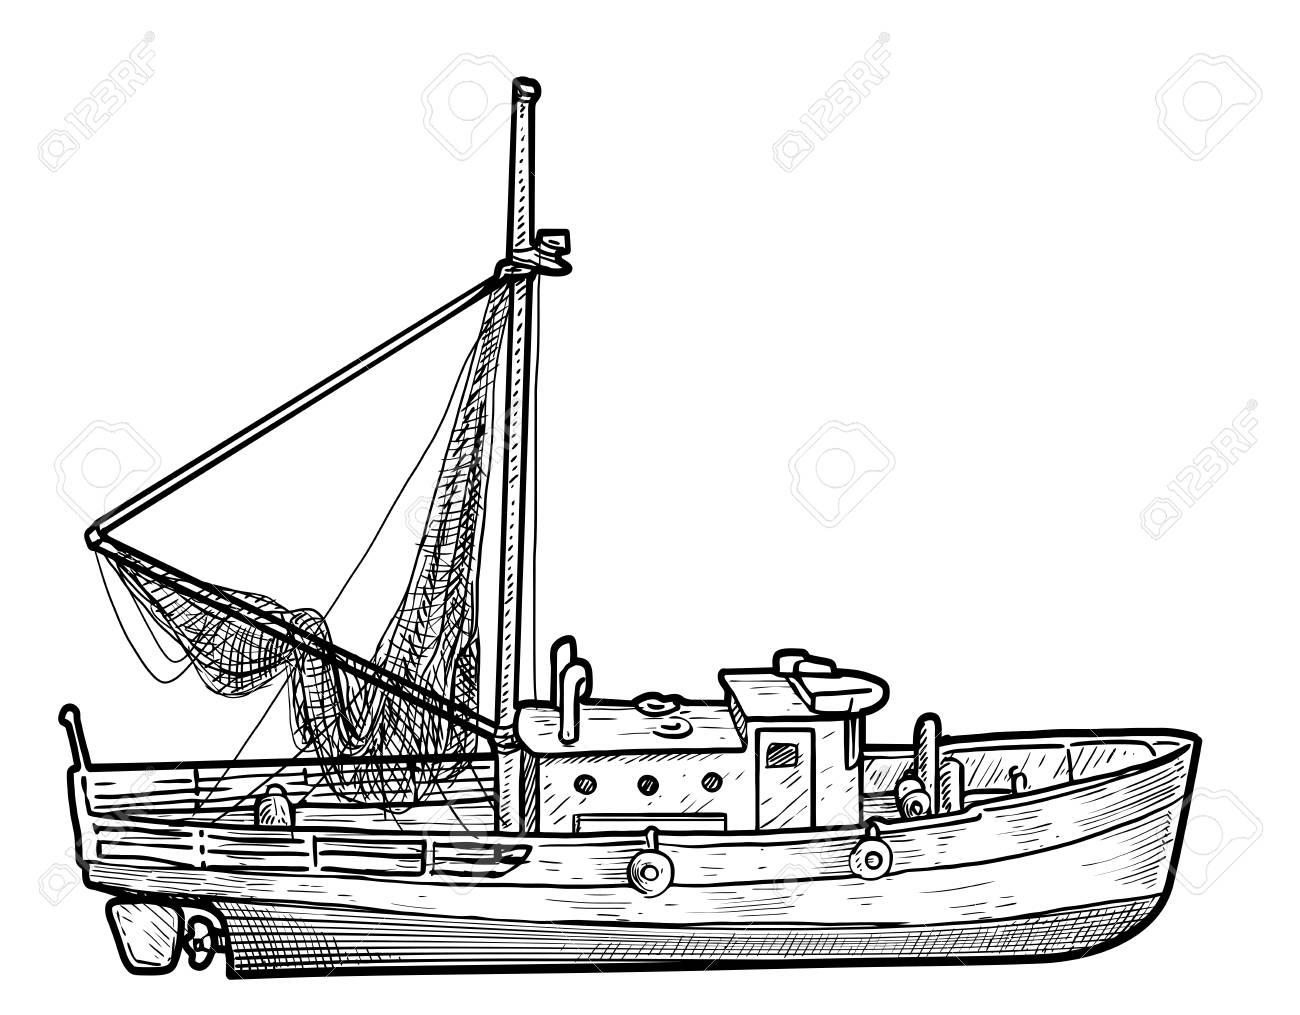 Ejemplo Del Barco De Pesca Dibujo Grabado Tinta Línea Arte